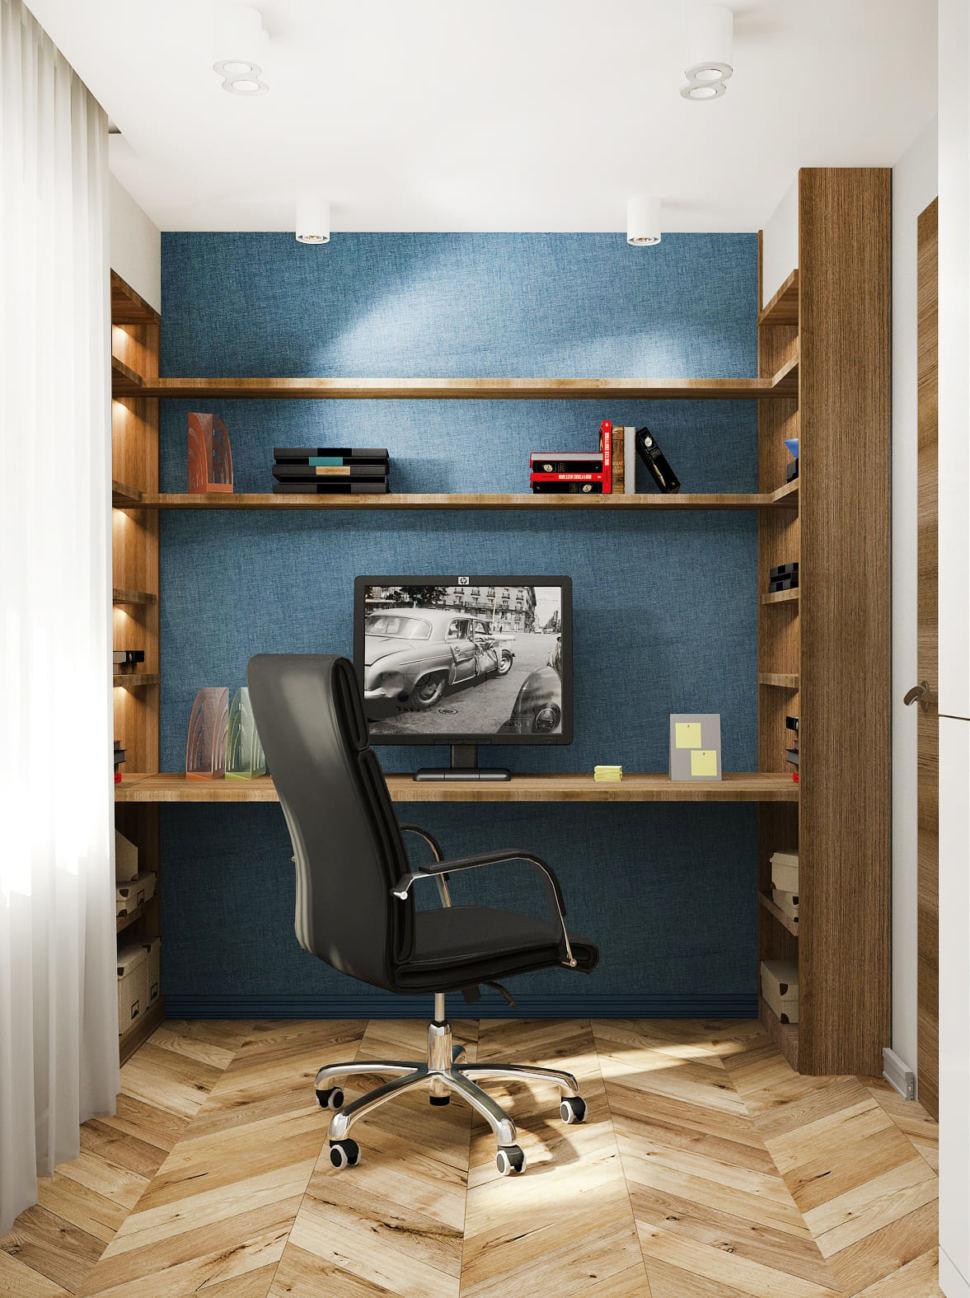 Дизайн проект кабинета в теплых тонах 14 кв.м, черный офисный стул, рабочий стол, стеллаж, обои